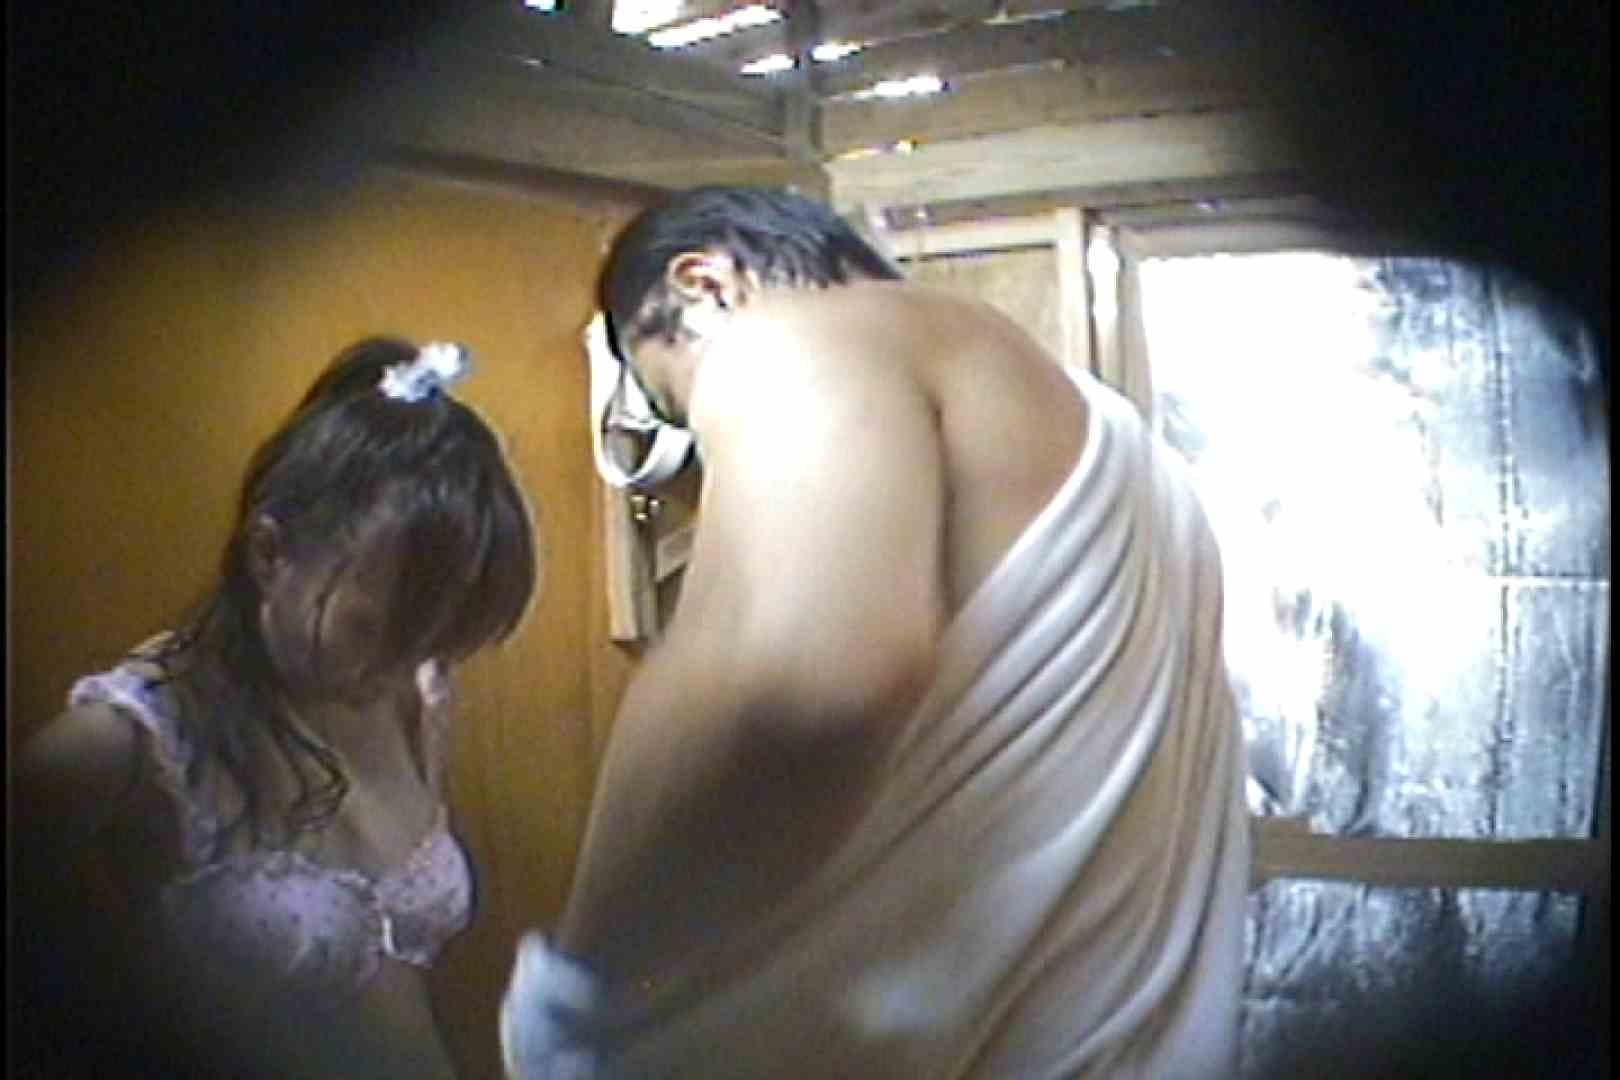 海の家の更衣室 Vol.57 美女 われめAV動画紹介 42画像 21